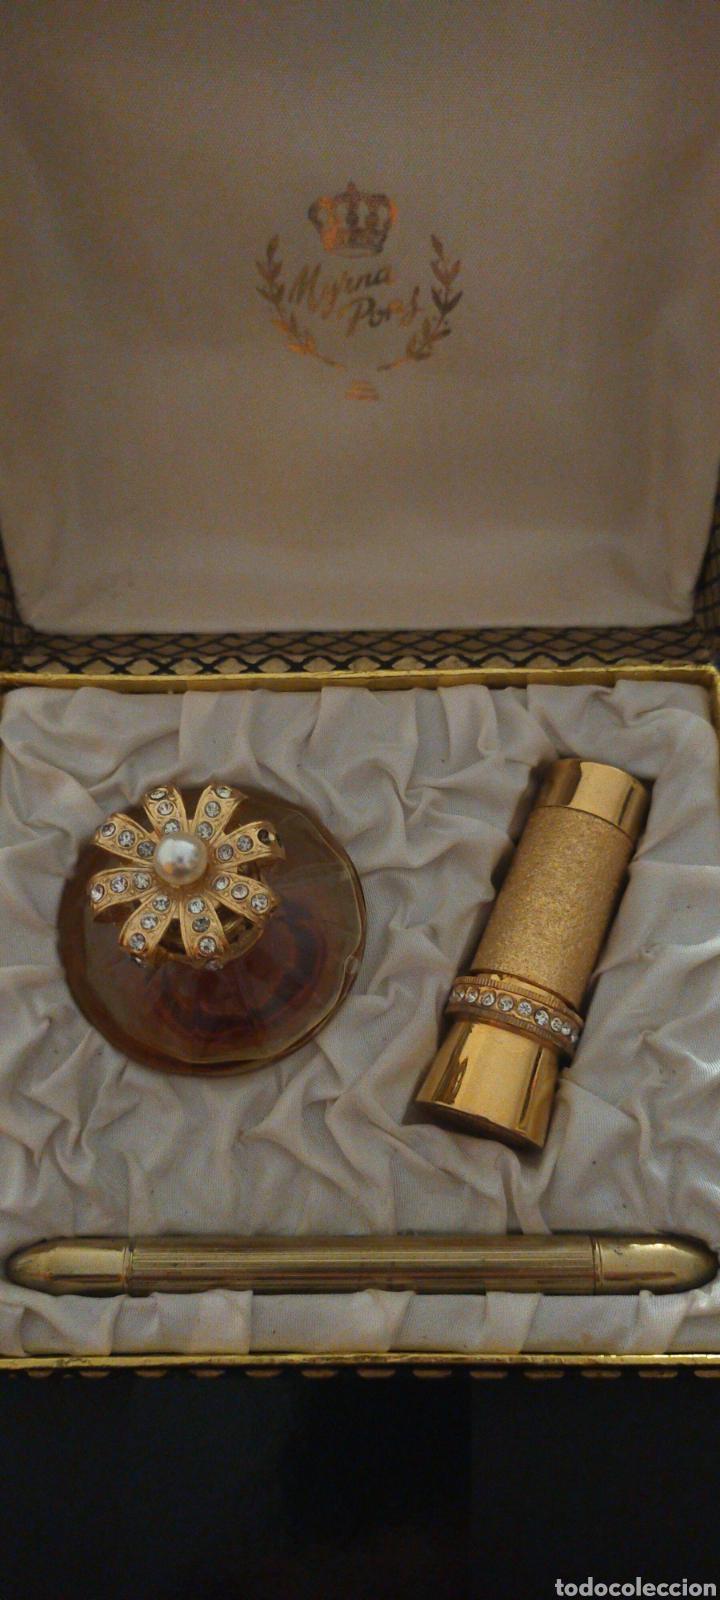 Miniaturas de perfumes antiguos: MYRNA PONS ESTUCHE PERFUME(HUELE DE MARAVILLA) LÁPIZ OJOS Y GUARDA PINTALABIOS - Foto 8 - 288327398